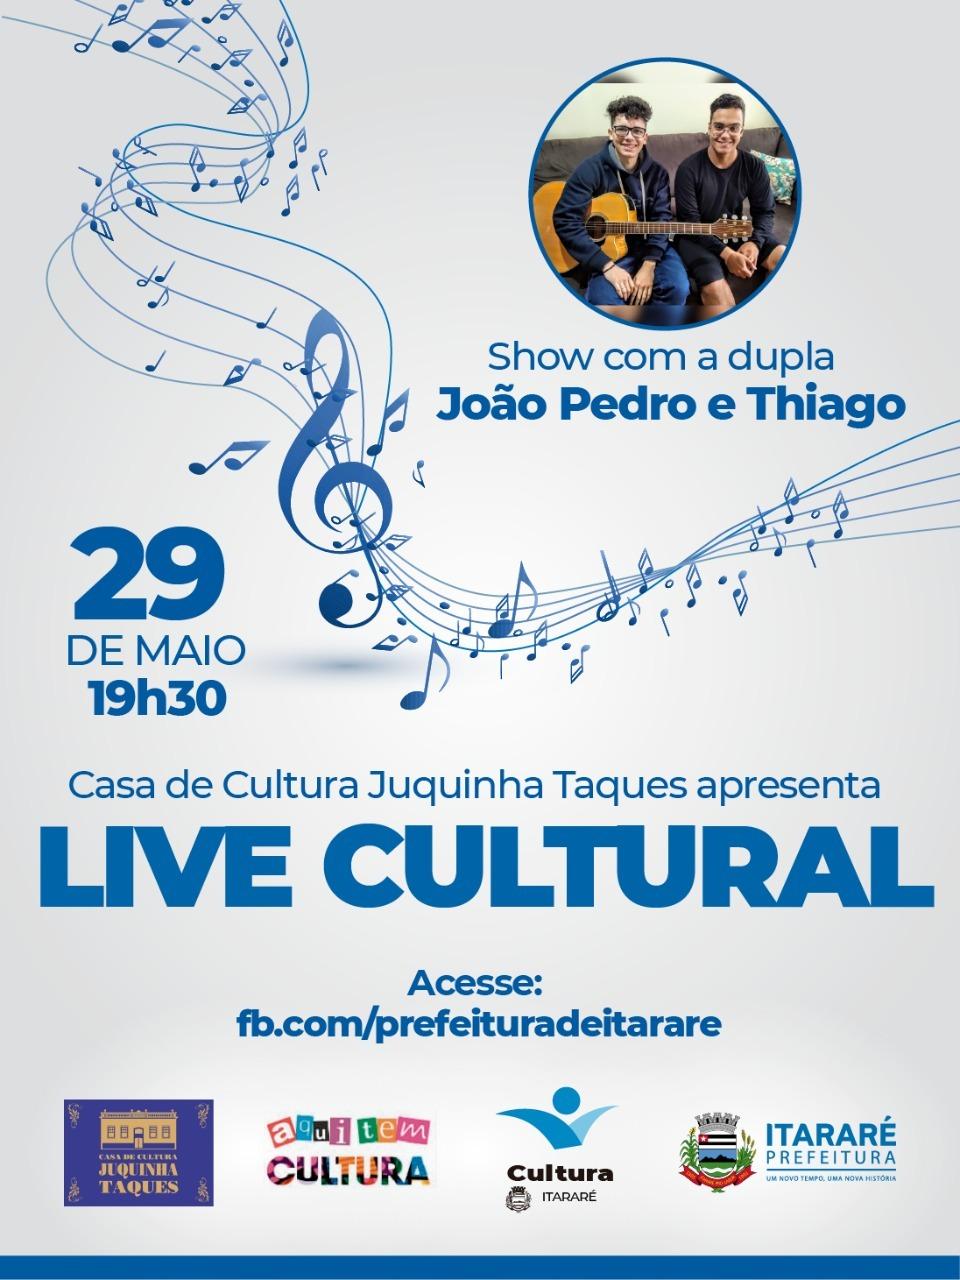 Live Cultural da Prefeitura de Itararé (SP) apresenta João Pedro e Thiago nesta sexta-feira (29)